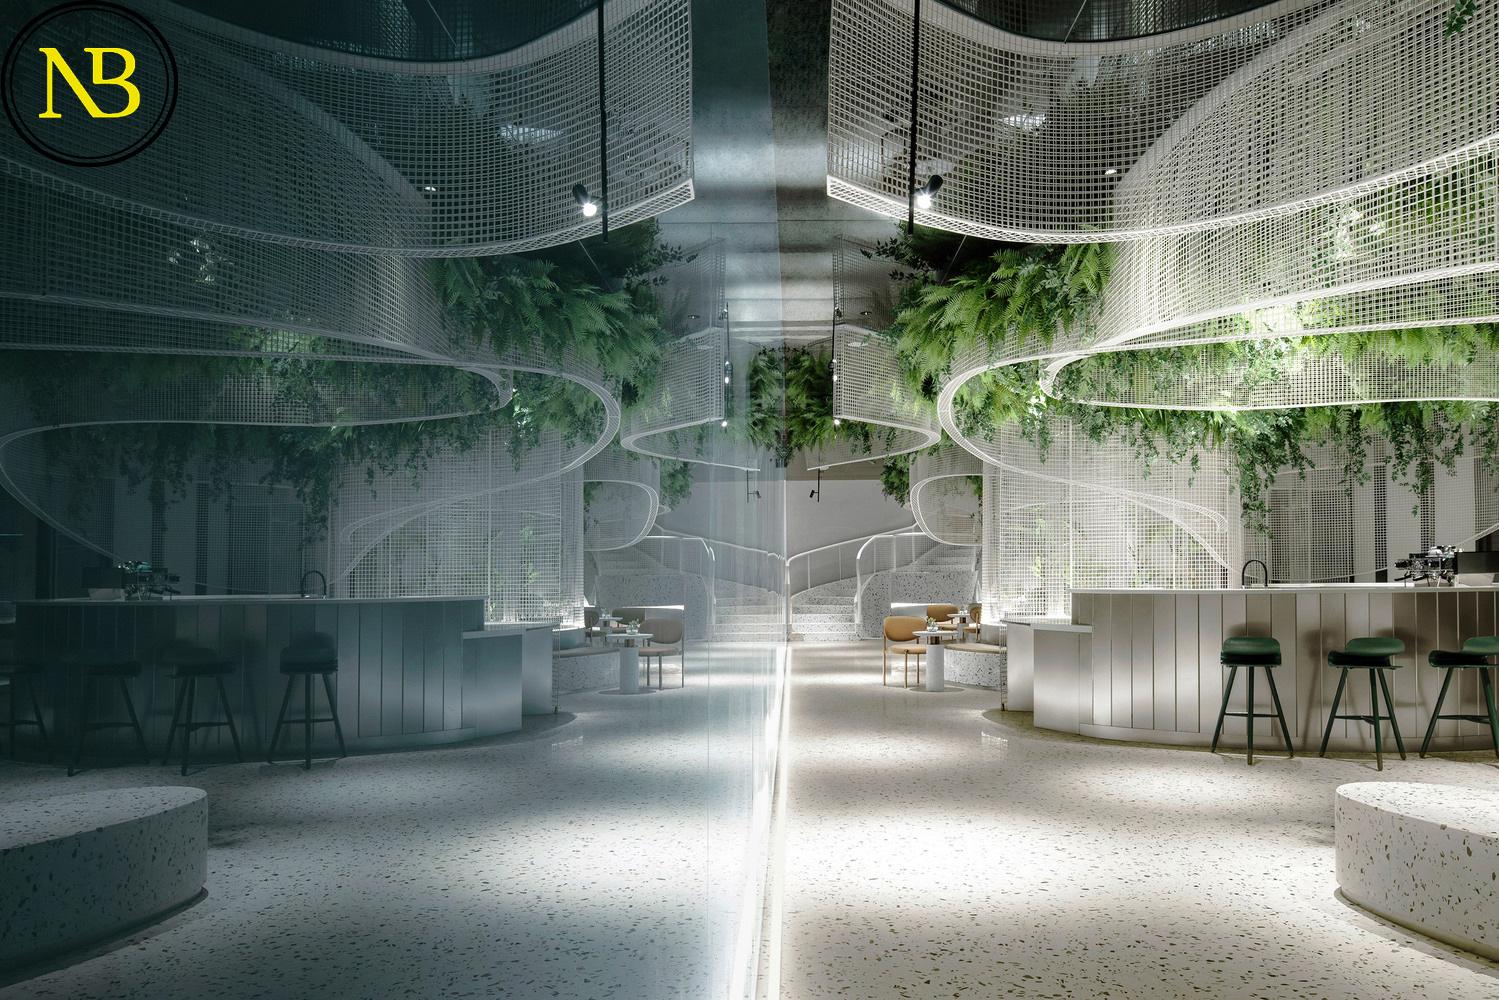 اخبار معماری، طراحی کافی شاپ در چین